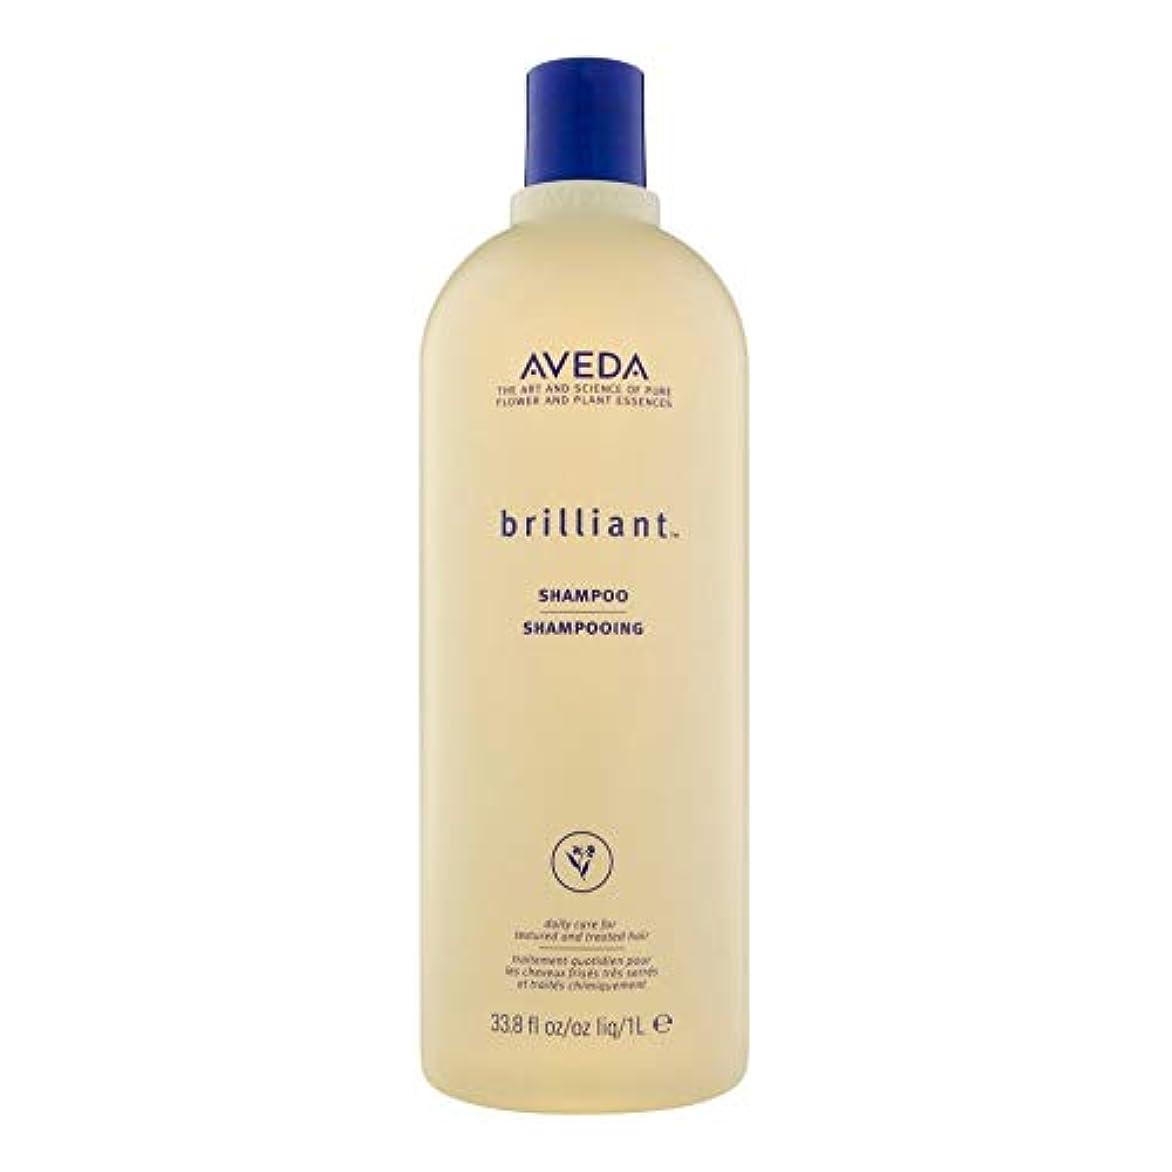 小包不幸広げる[AVEDA ] アヴェダ華麗なシャンプー1リットル - Aveda Brilliant Shampoo 1L [並行輸入品]